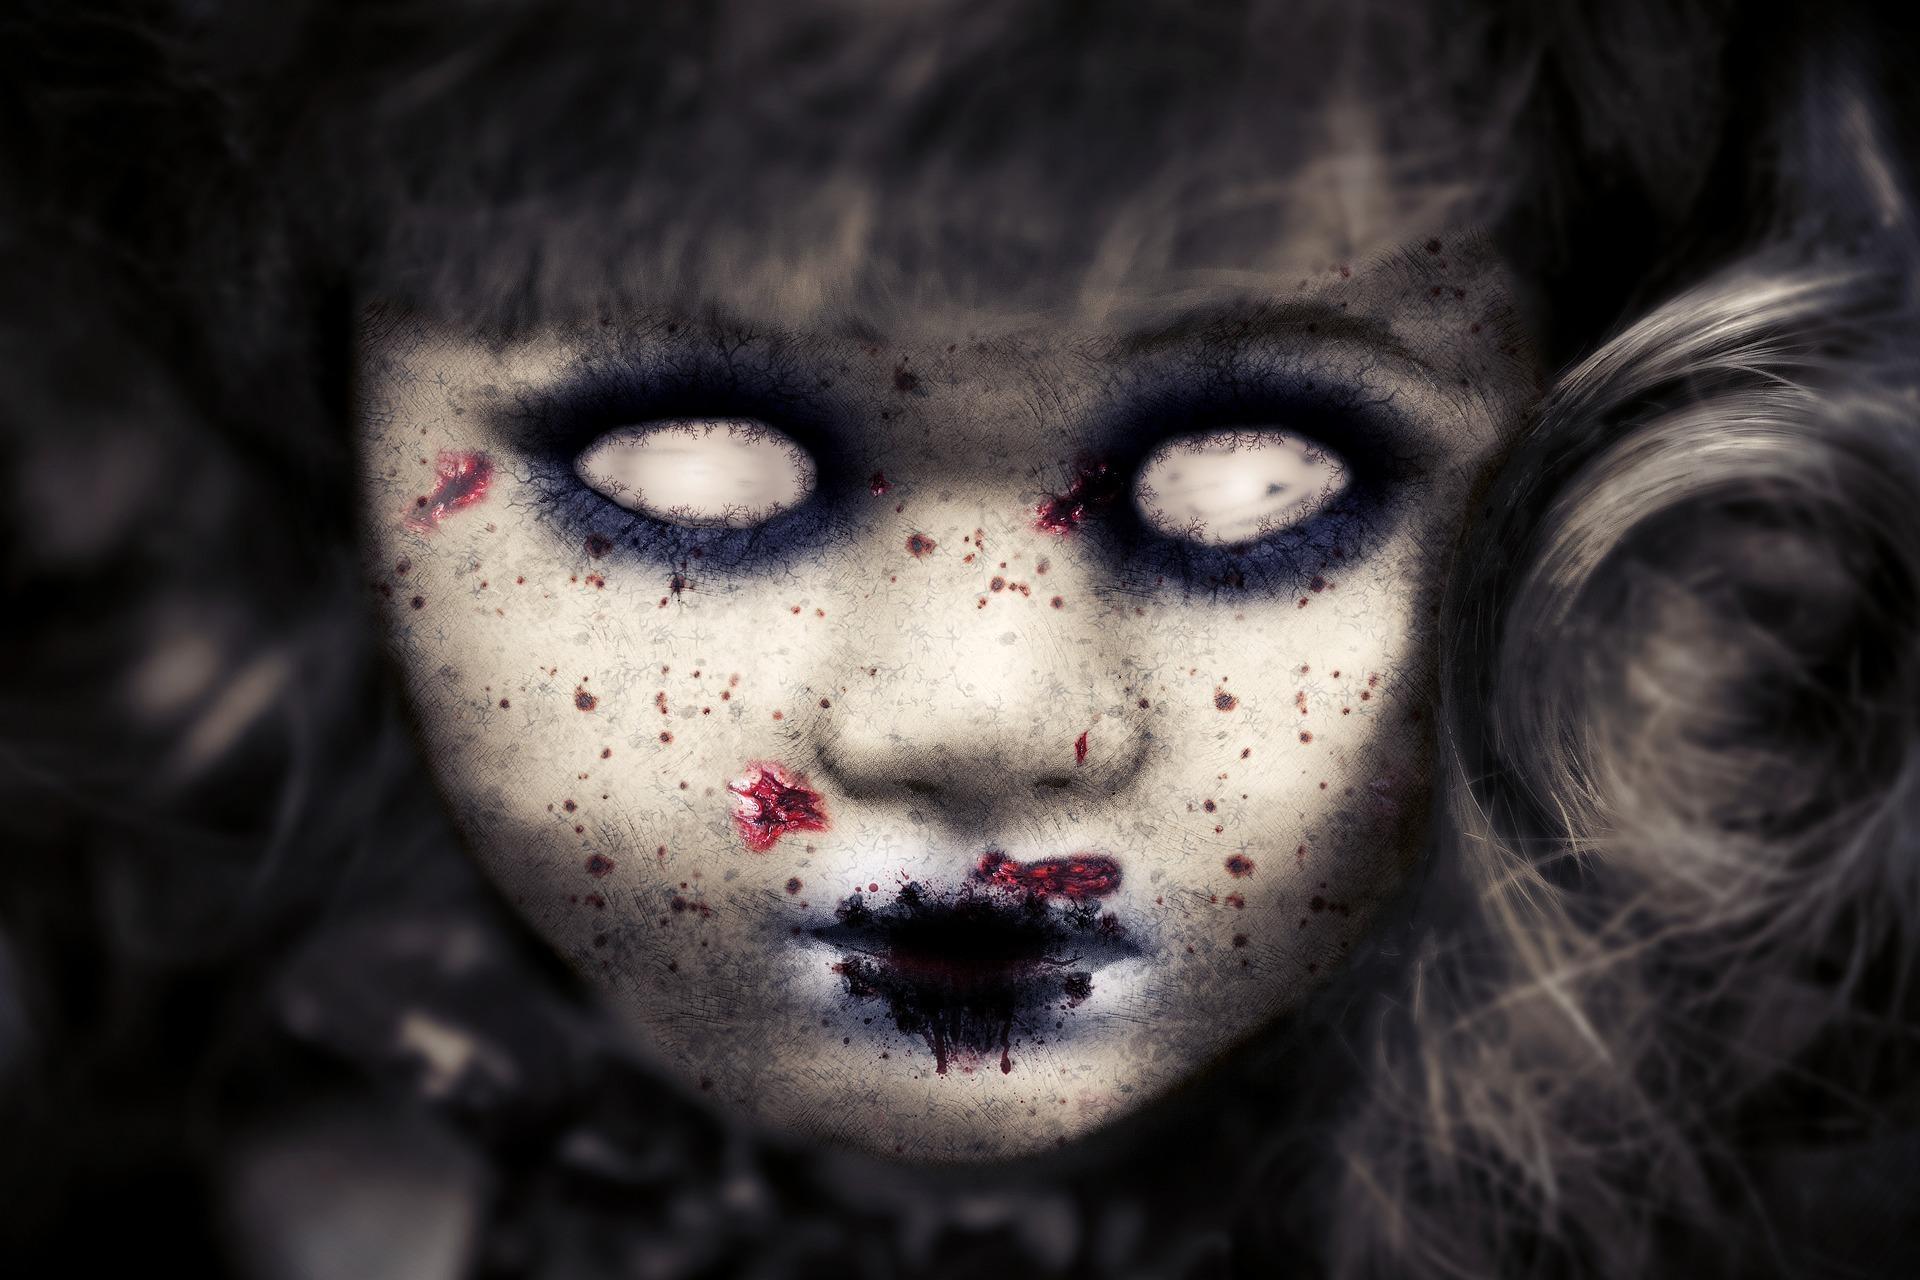 Los peligros de las lentillas para Halloween: que tu noche no acabe en urgencias.